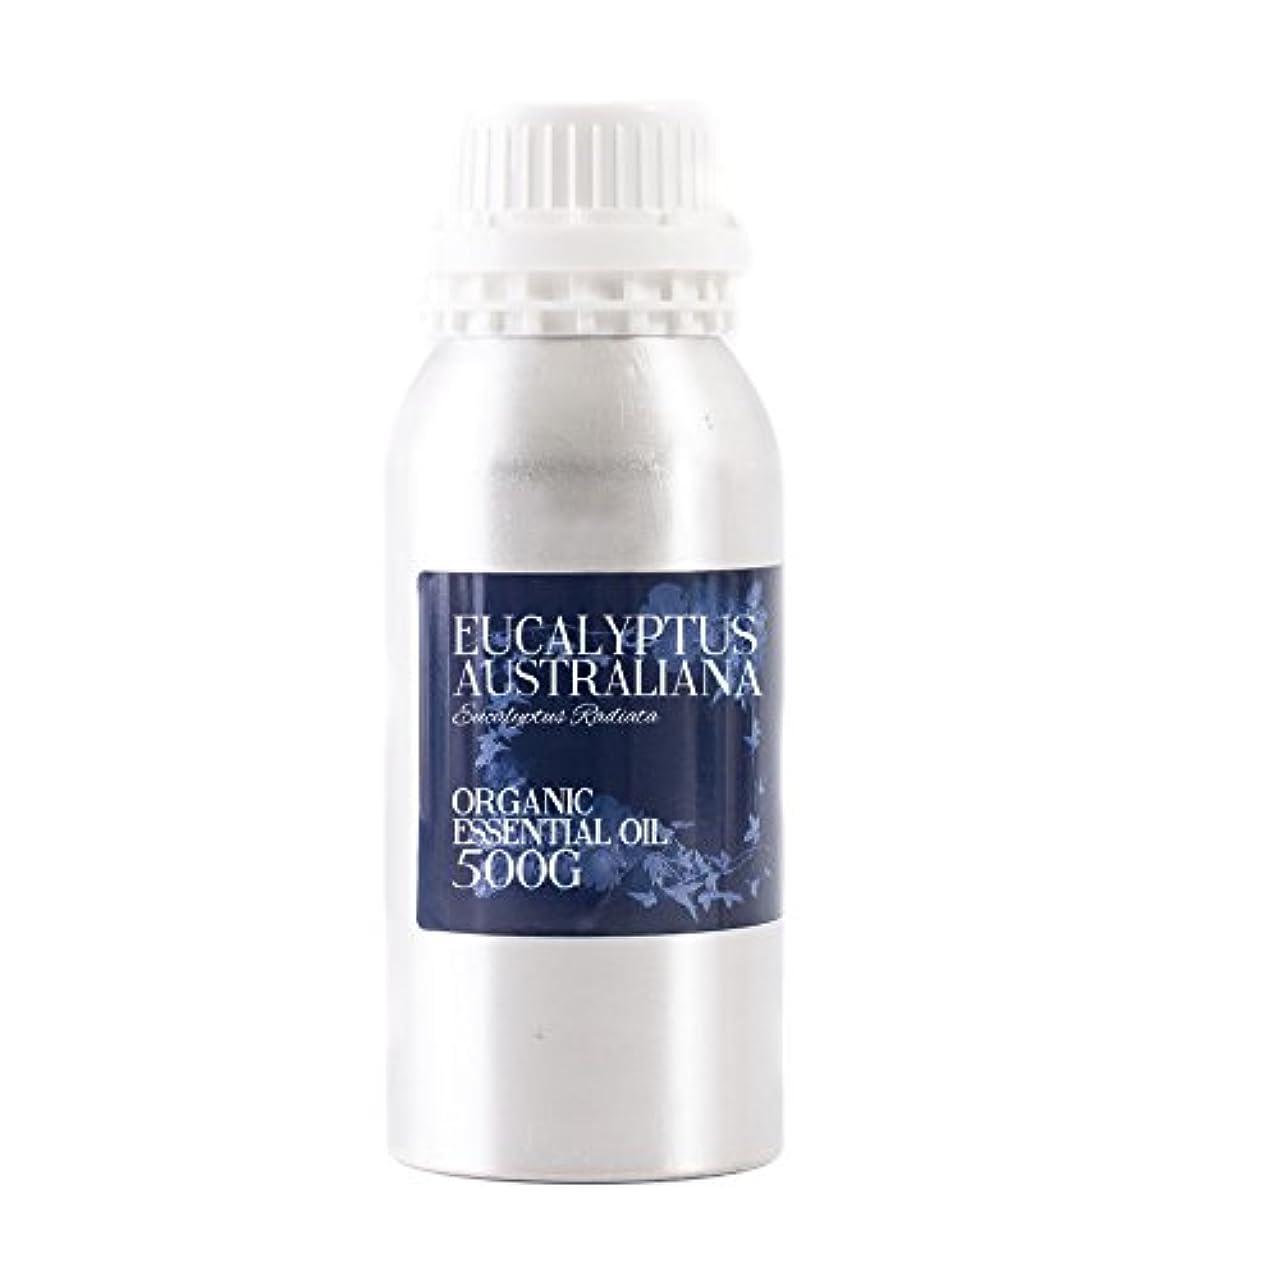 スキーム意気消沈した興奮Mystic Moments | Eucalyptus Australiana (Radiata) Organic Essential Oil - 500g - 100% Pure